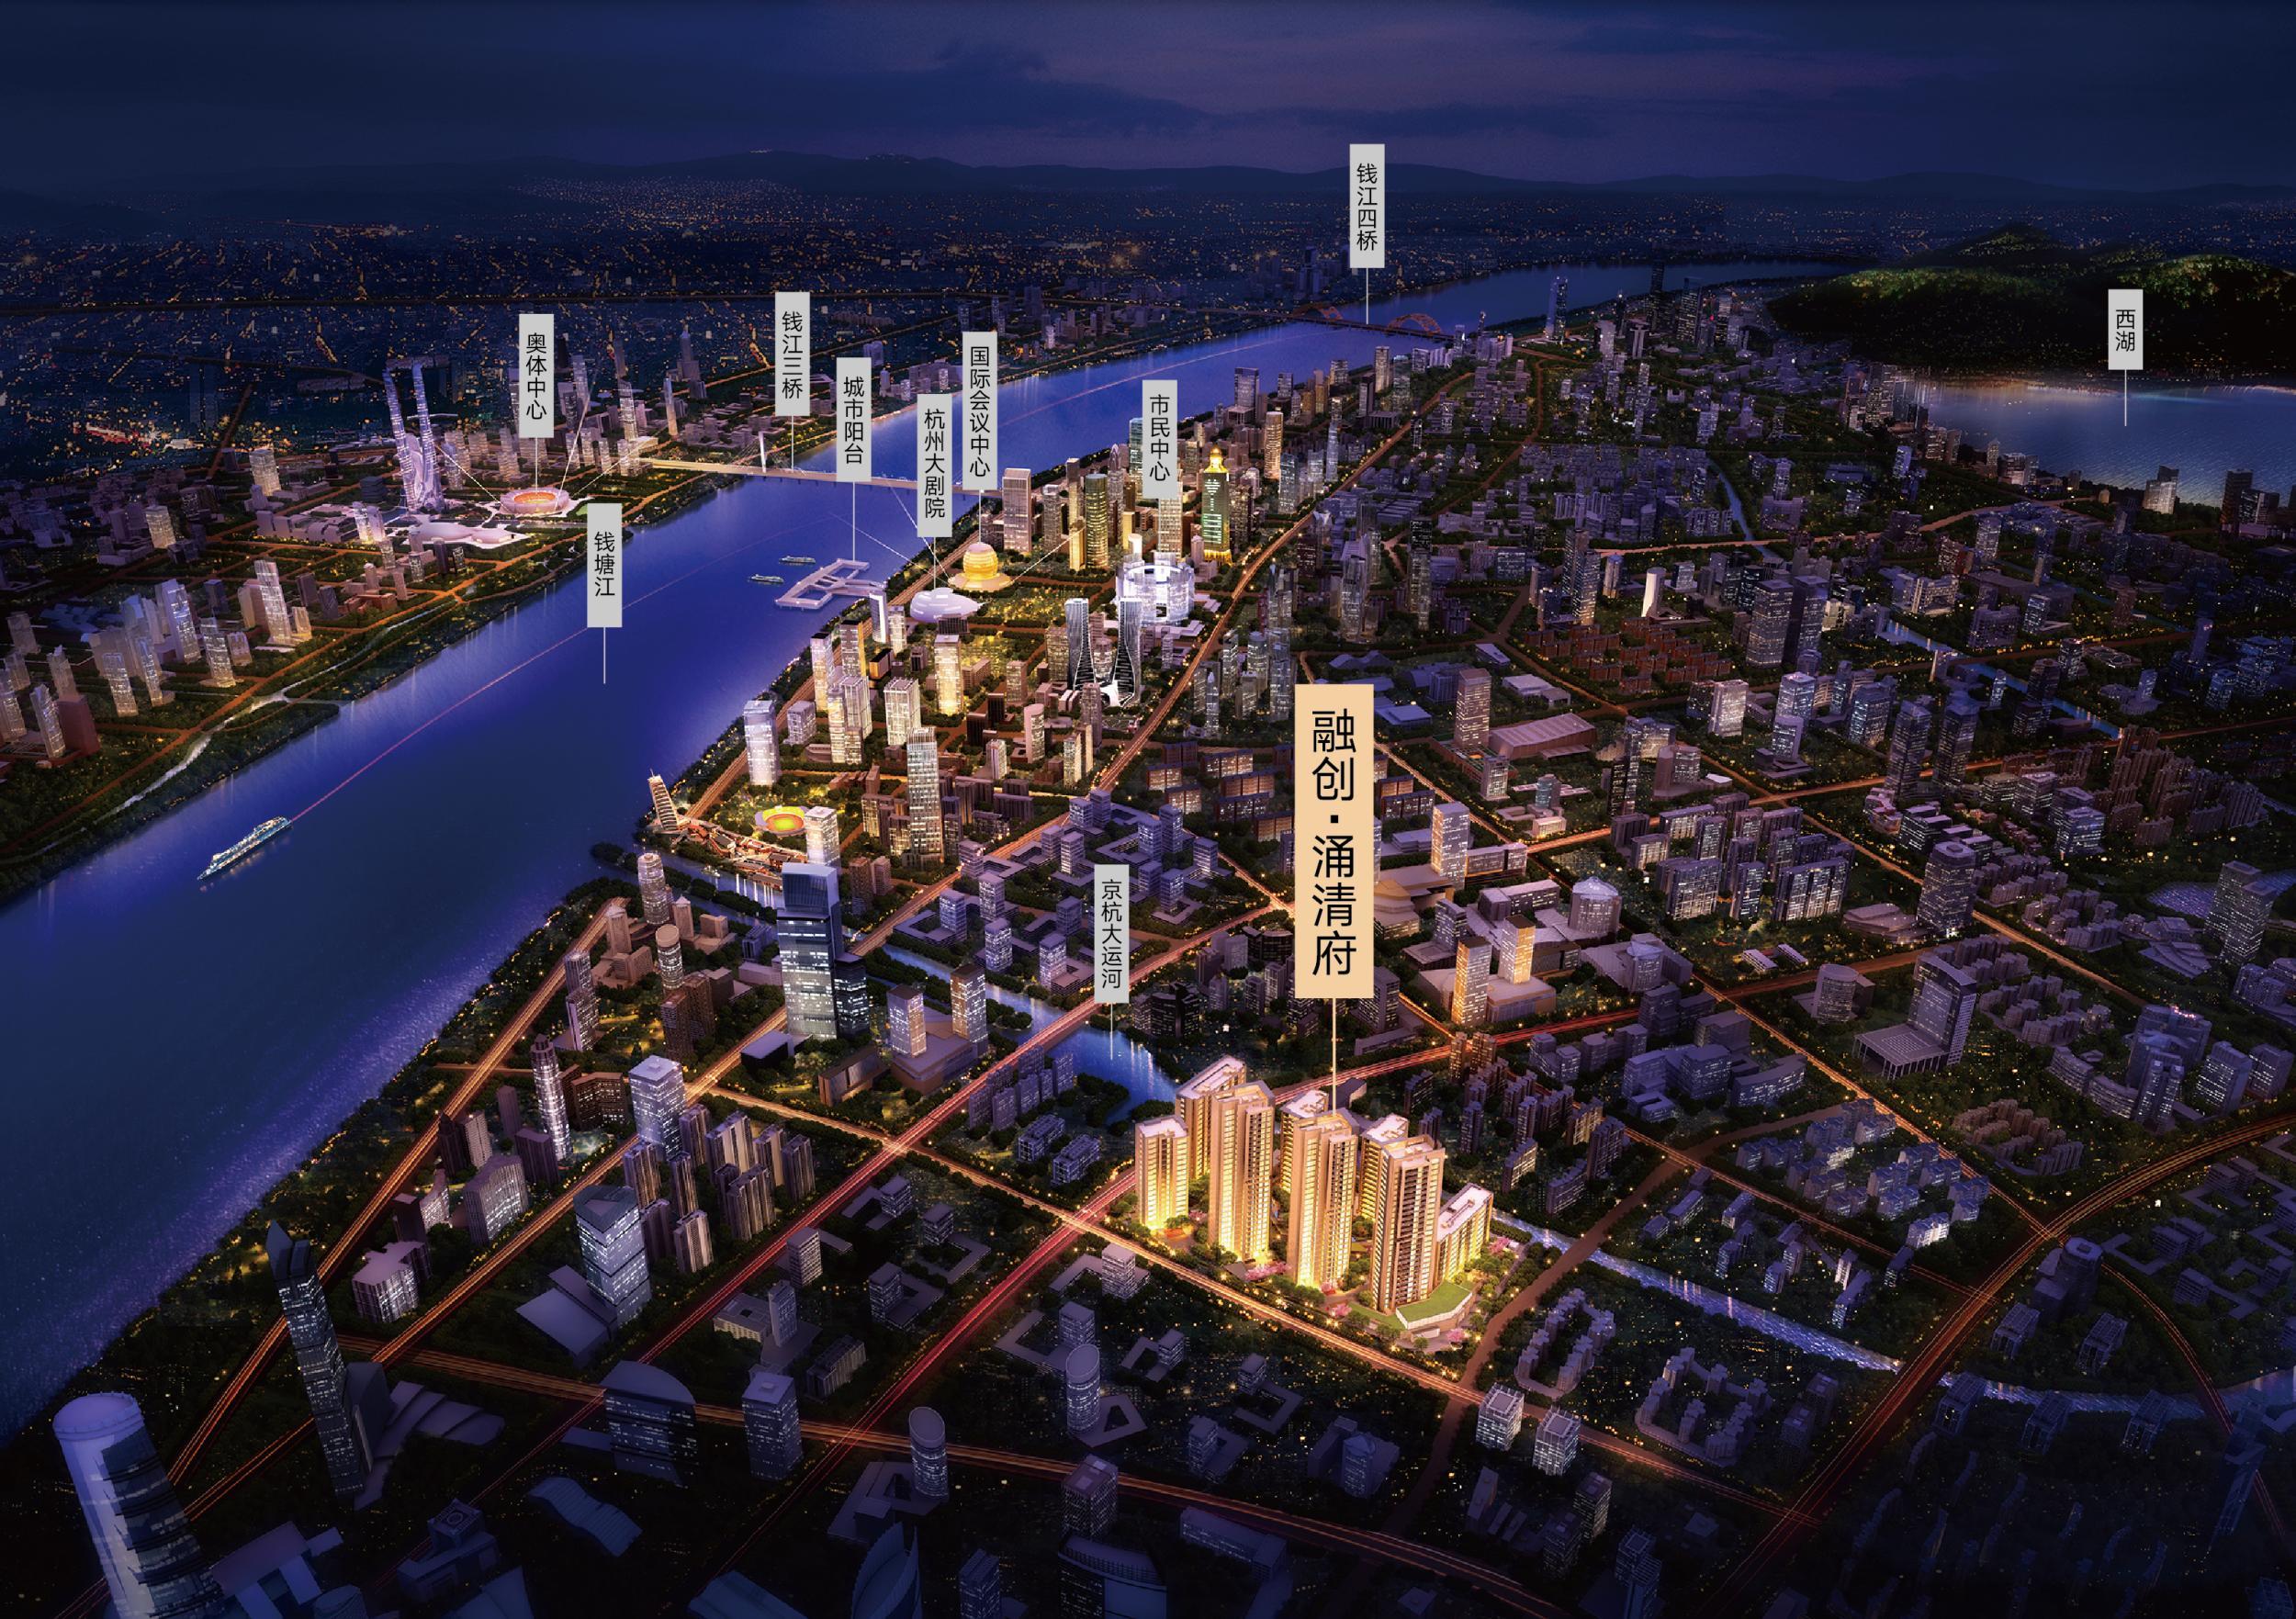 府�9d�Xk��^[_融创·涌清府:这个楼盘重新定义钱江新城豪宅|住在网